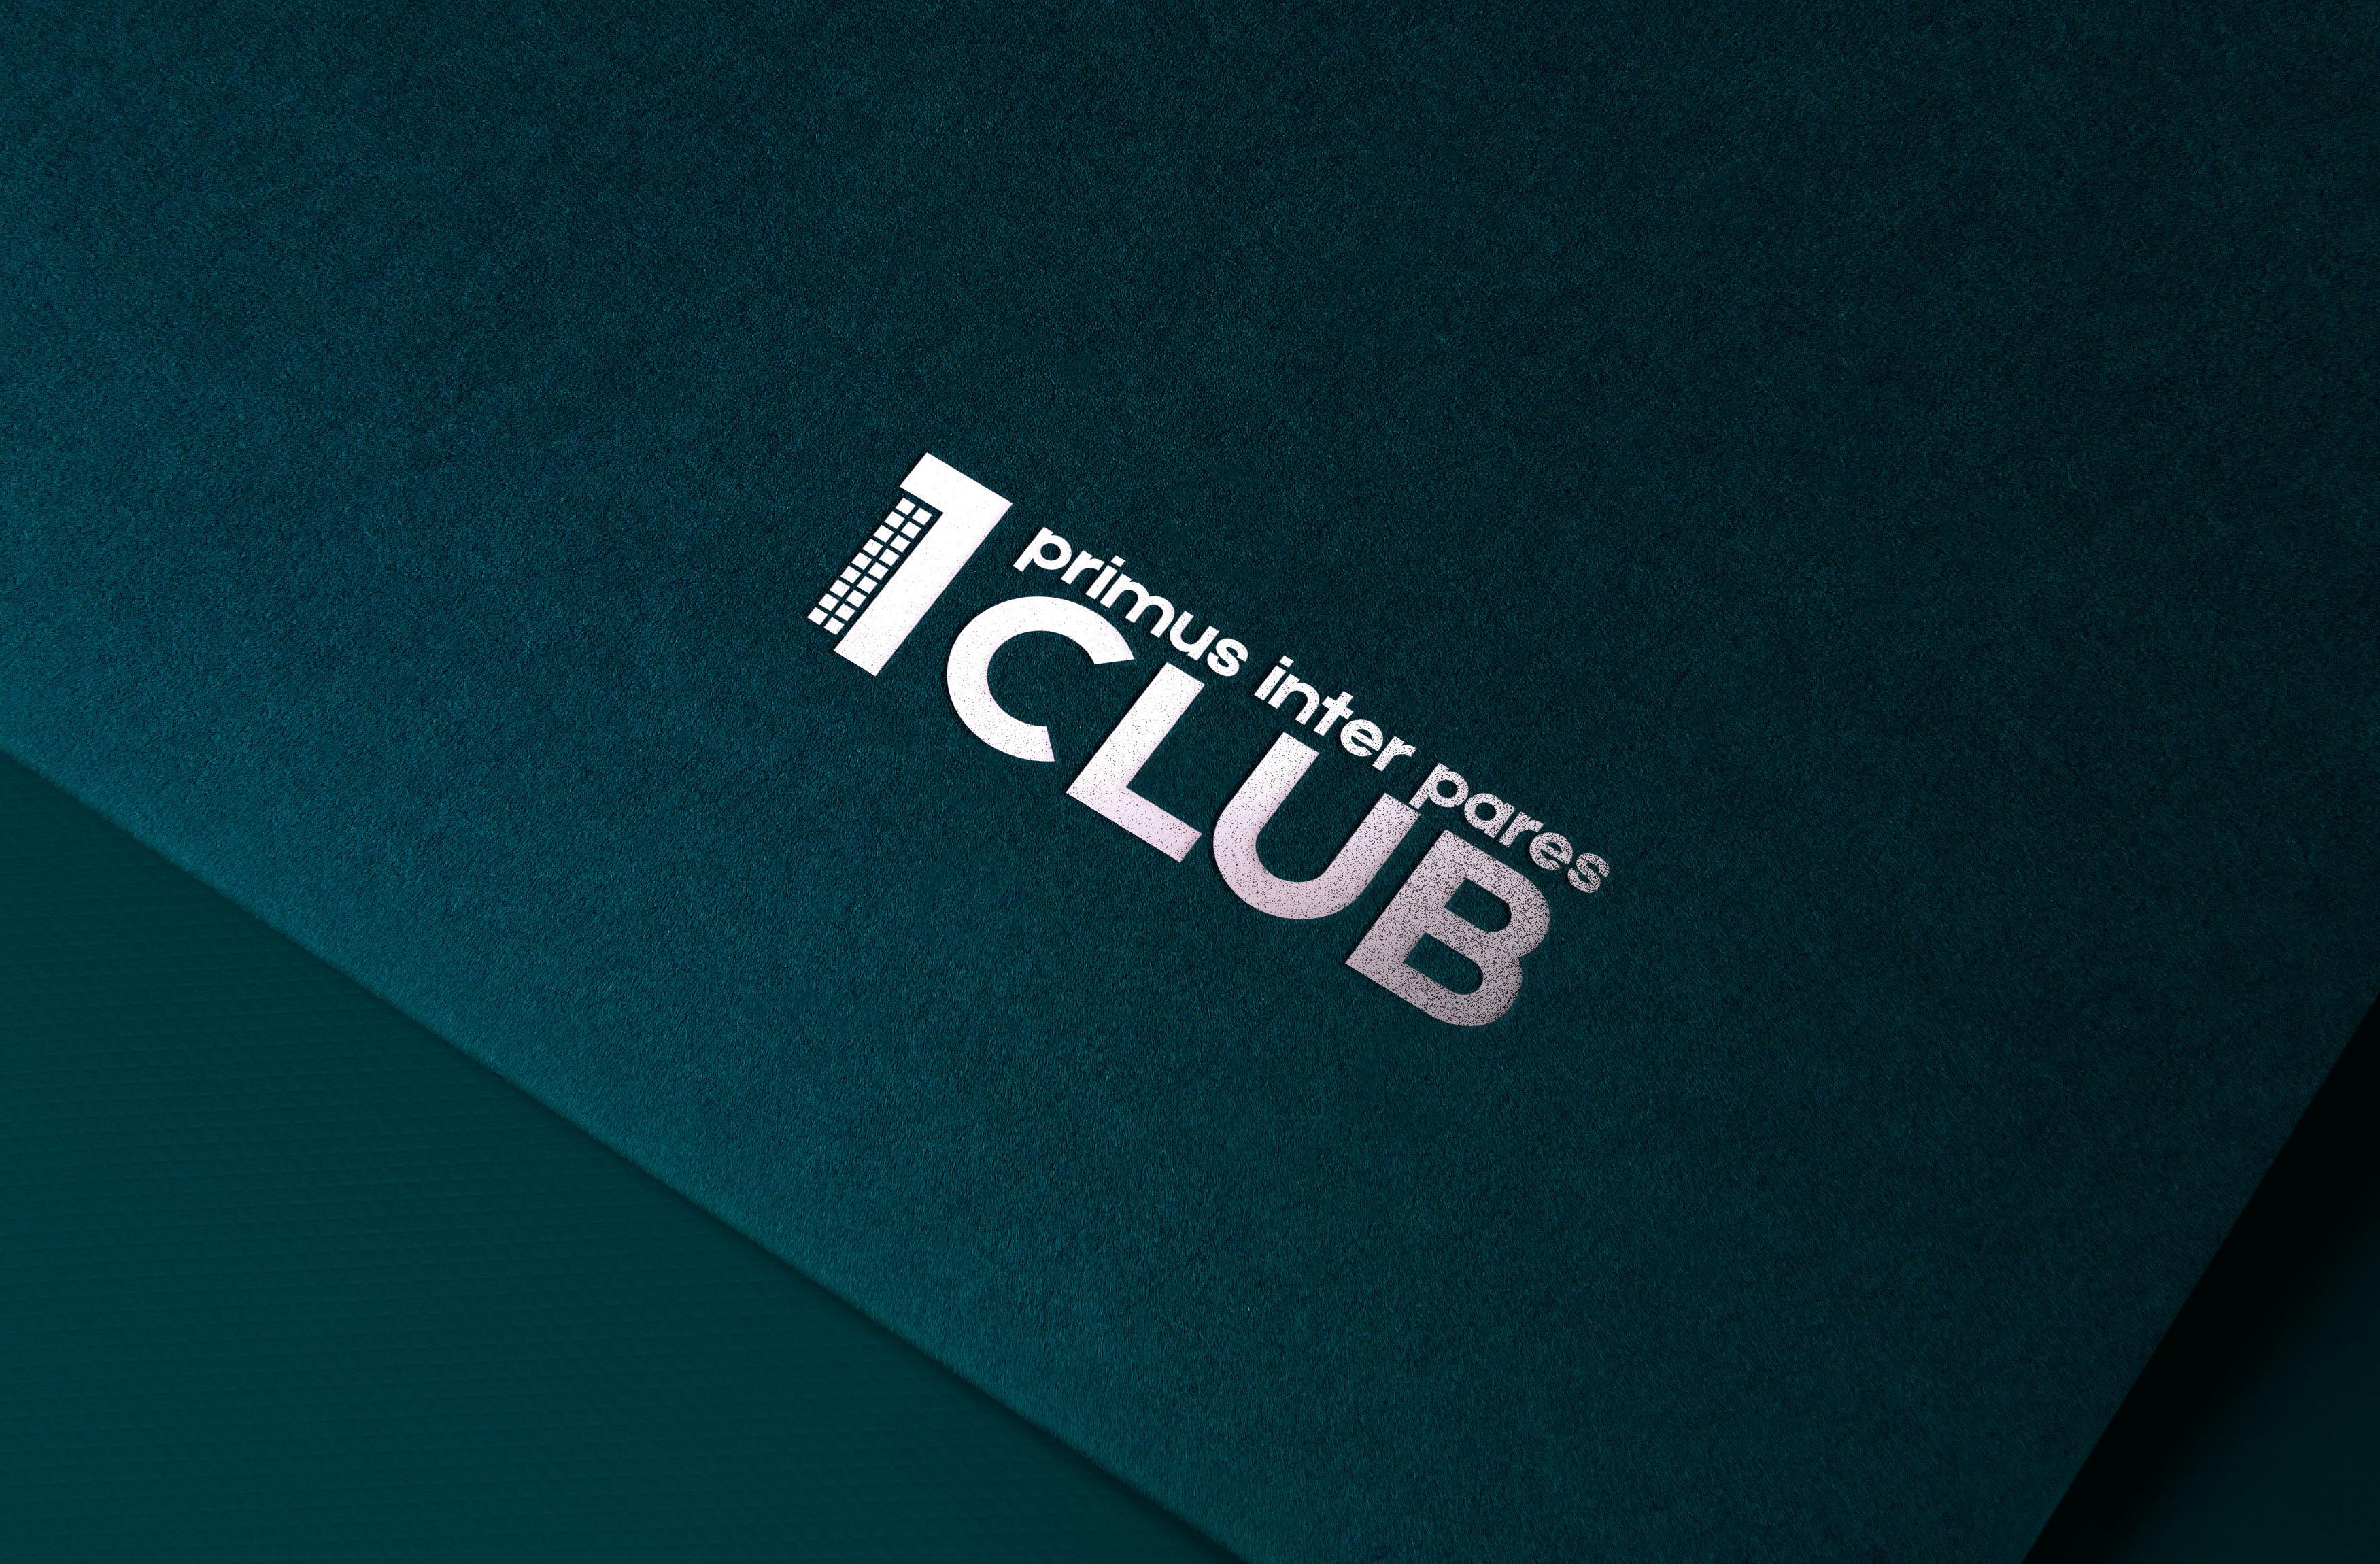 Логотип делового клуба фото f_6145f86640253cb5.jpg